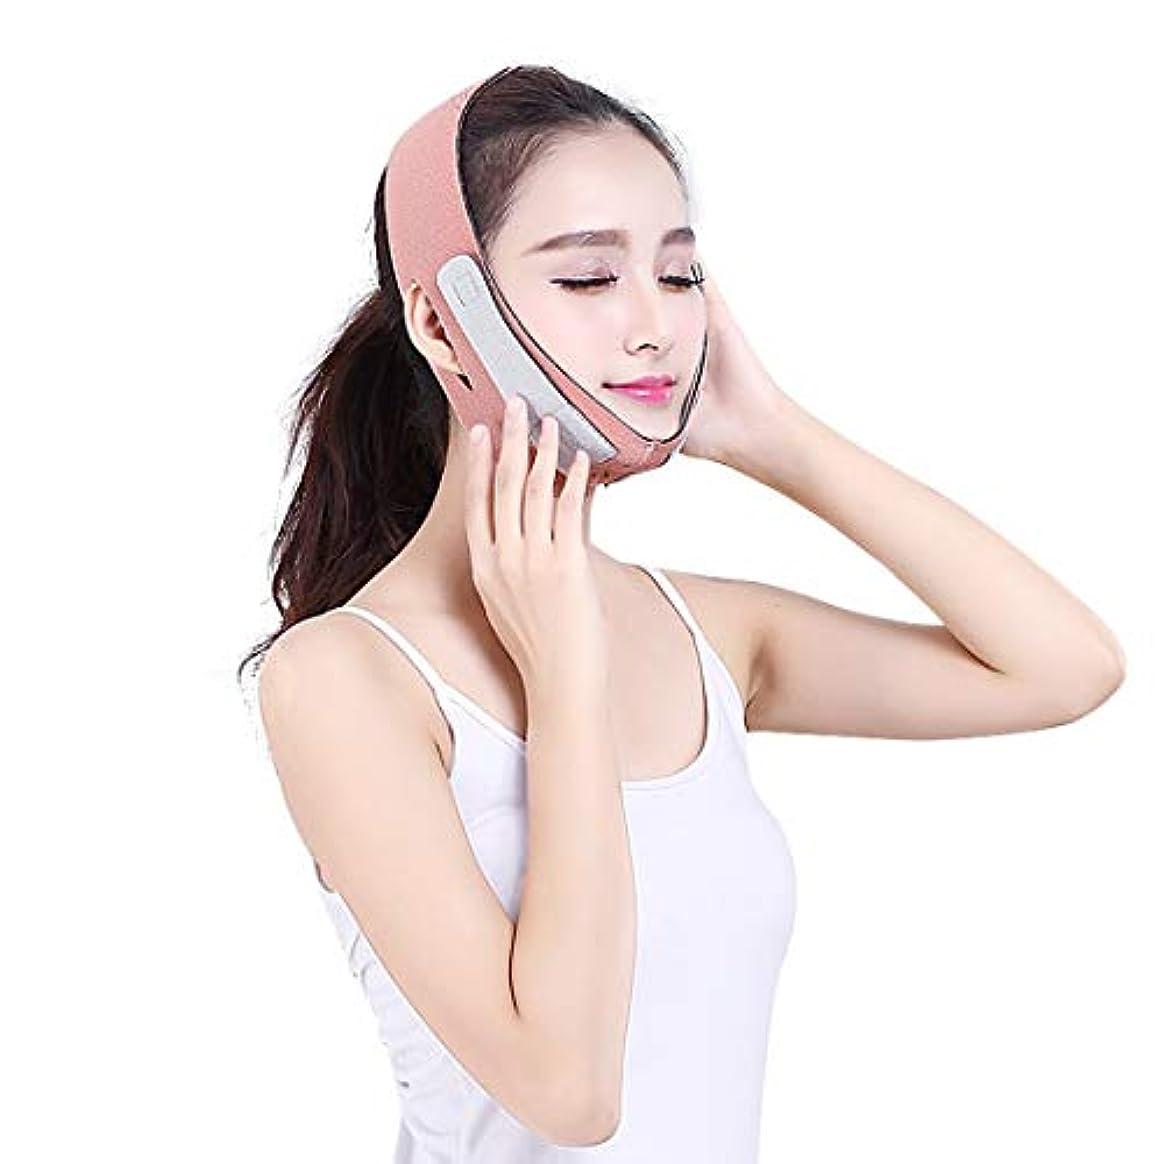 アルネ配置舌なZWBD フェイスマスク, フェイスリフティング包帯睡眠Vフェイス包帯マスクフェイシャルフェイシャルマッサージあごフェイスリフティングフェイスリフティングフェイスリフティングマシン